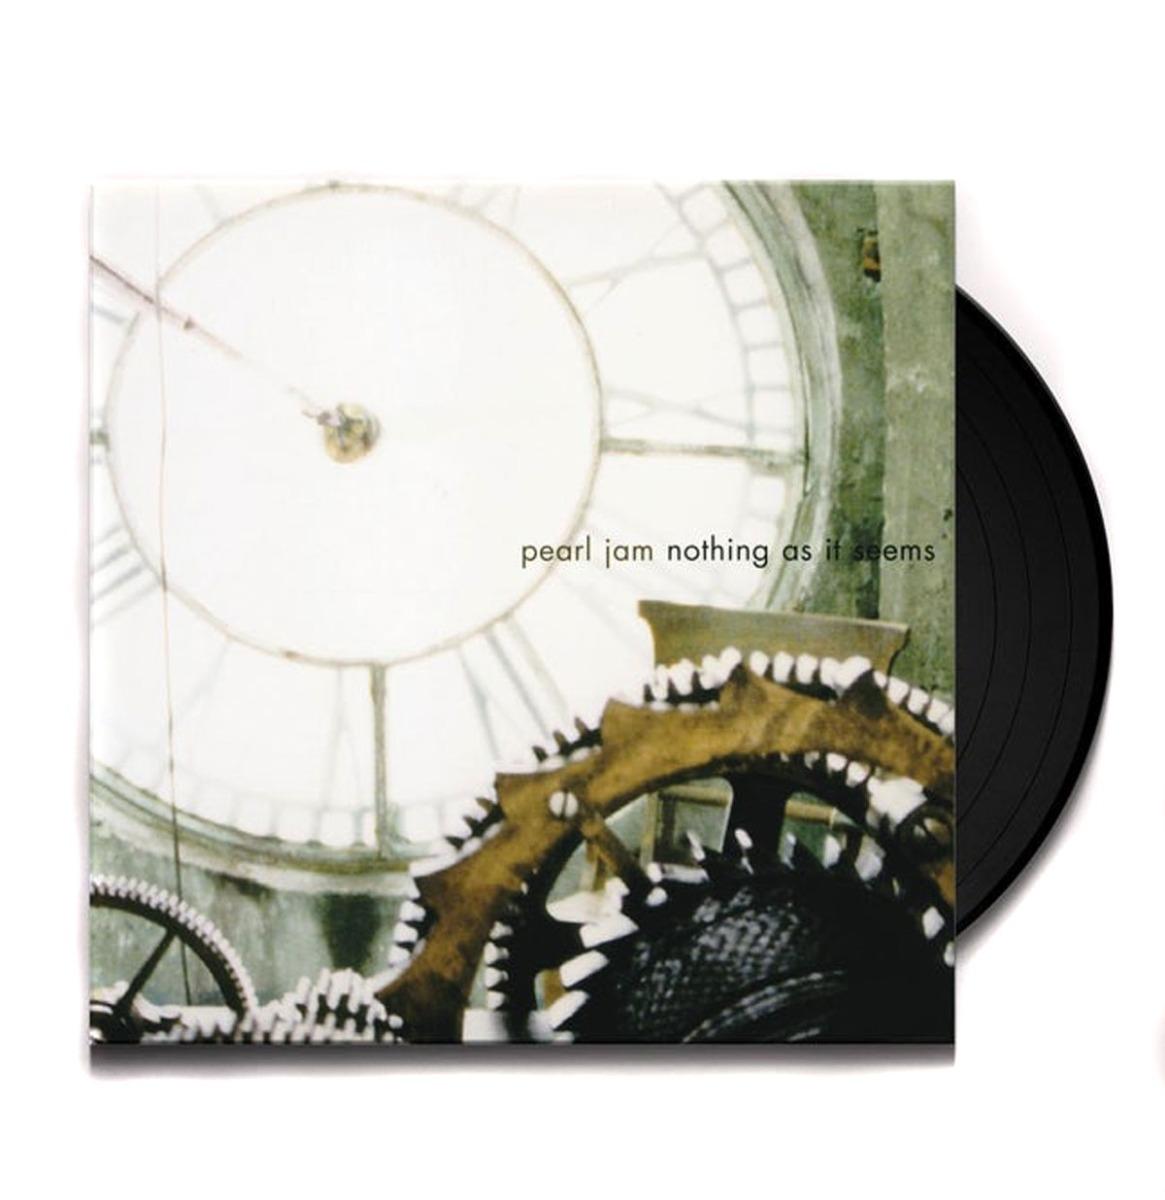 Pearl Jam - Nothing As It Seems 7 Inch Vinyl Single